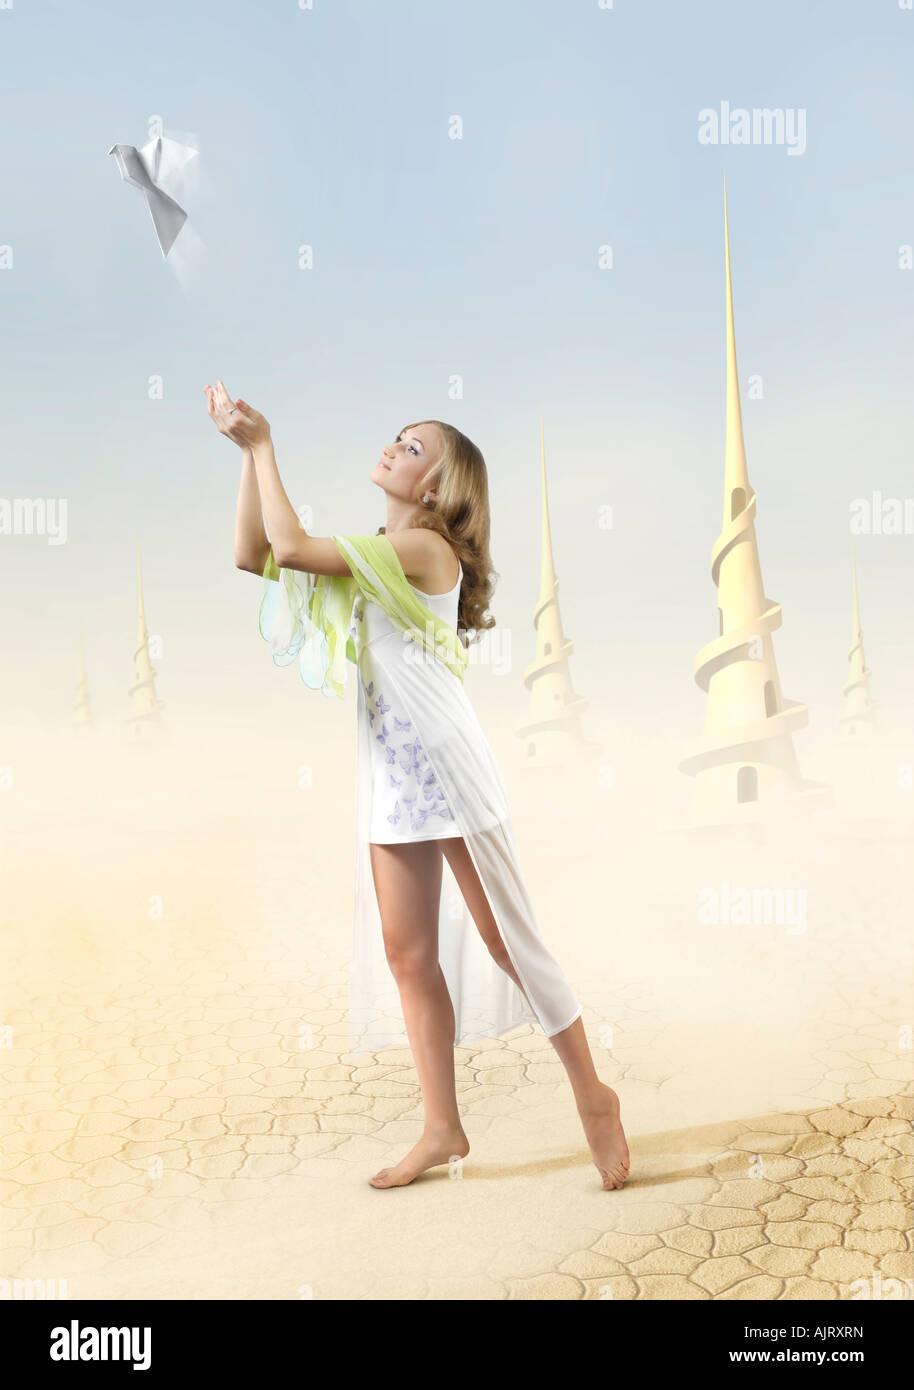 Belle jeune fille dans un fantastique monde désert extraterrestre eleasing un livre blanc colombe de la paix Banque D'Images